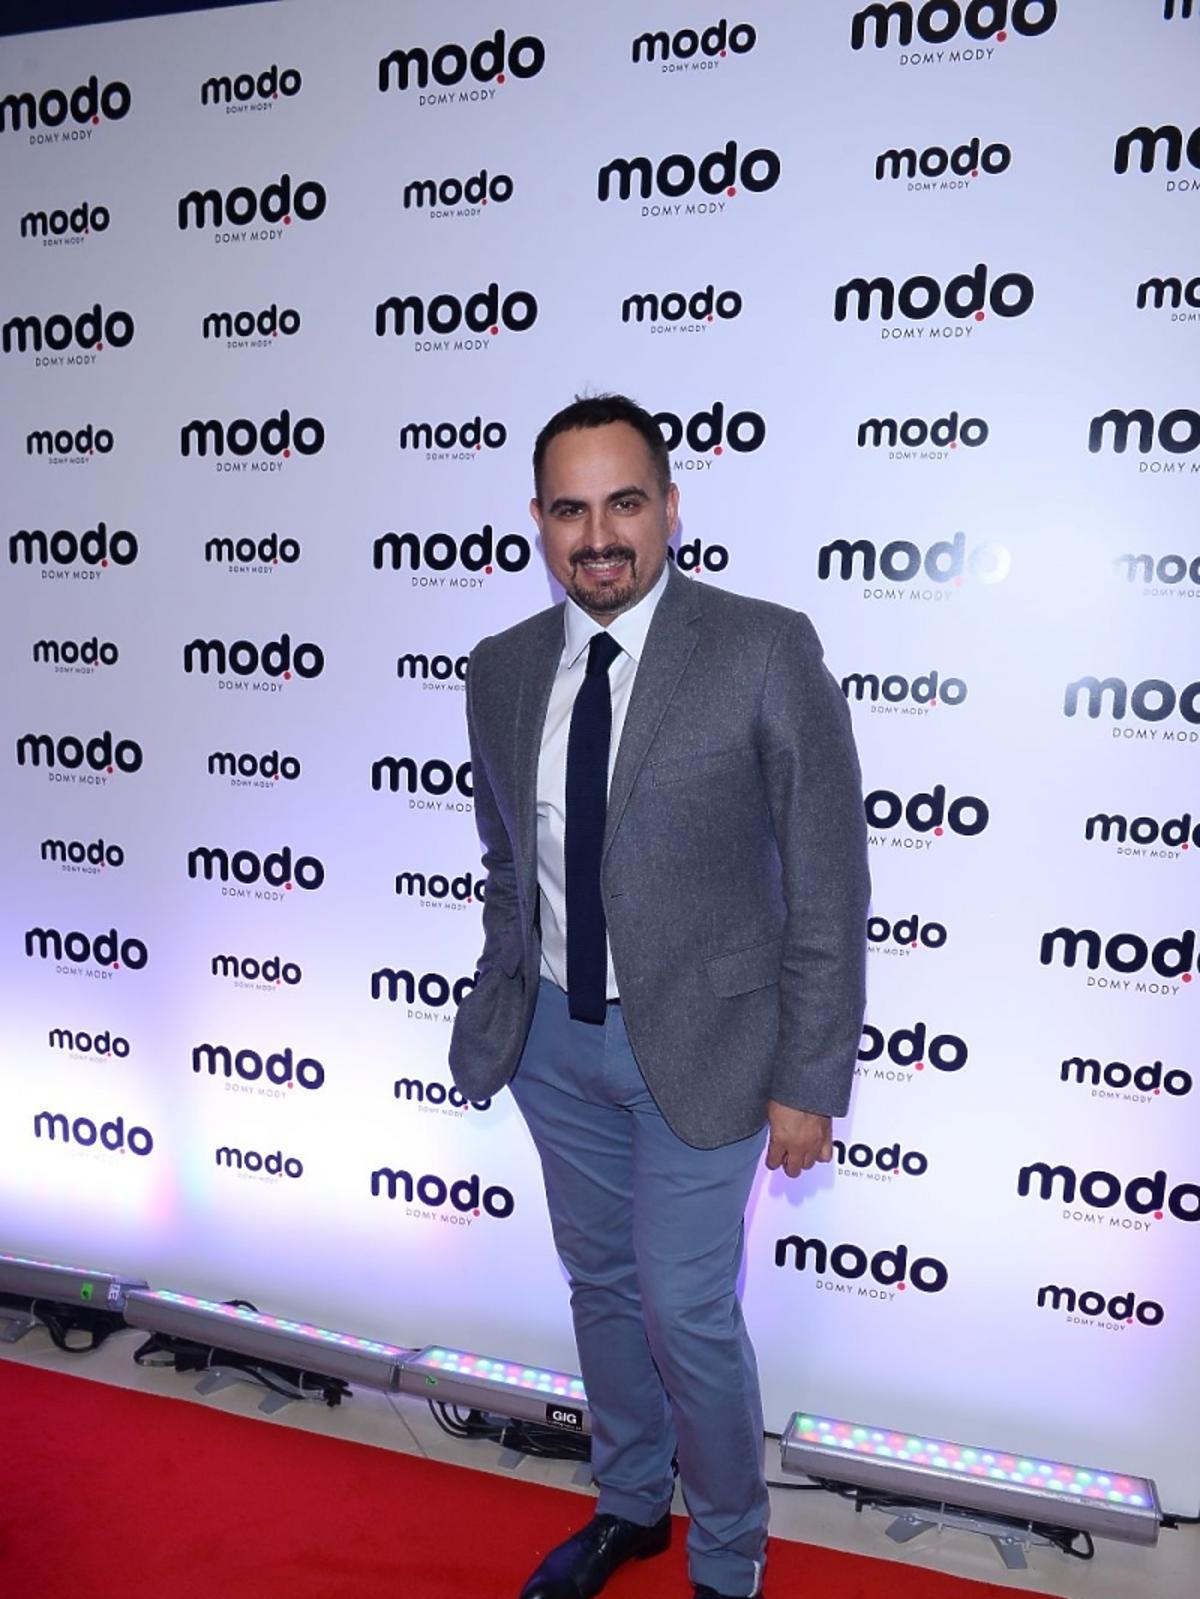 Agustin Egurolla na otwarciu centrum MODO Domy Mody